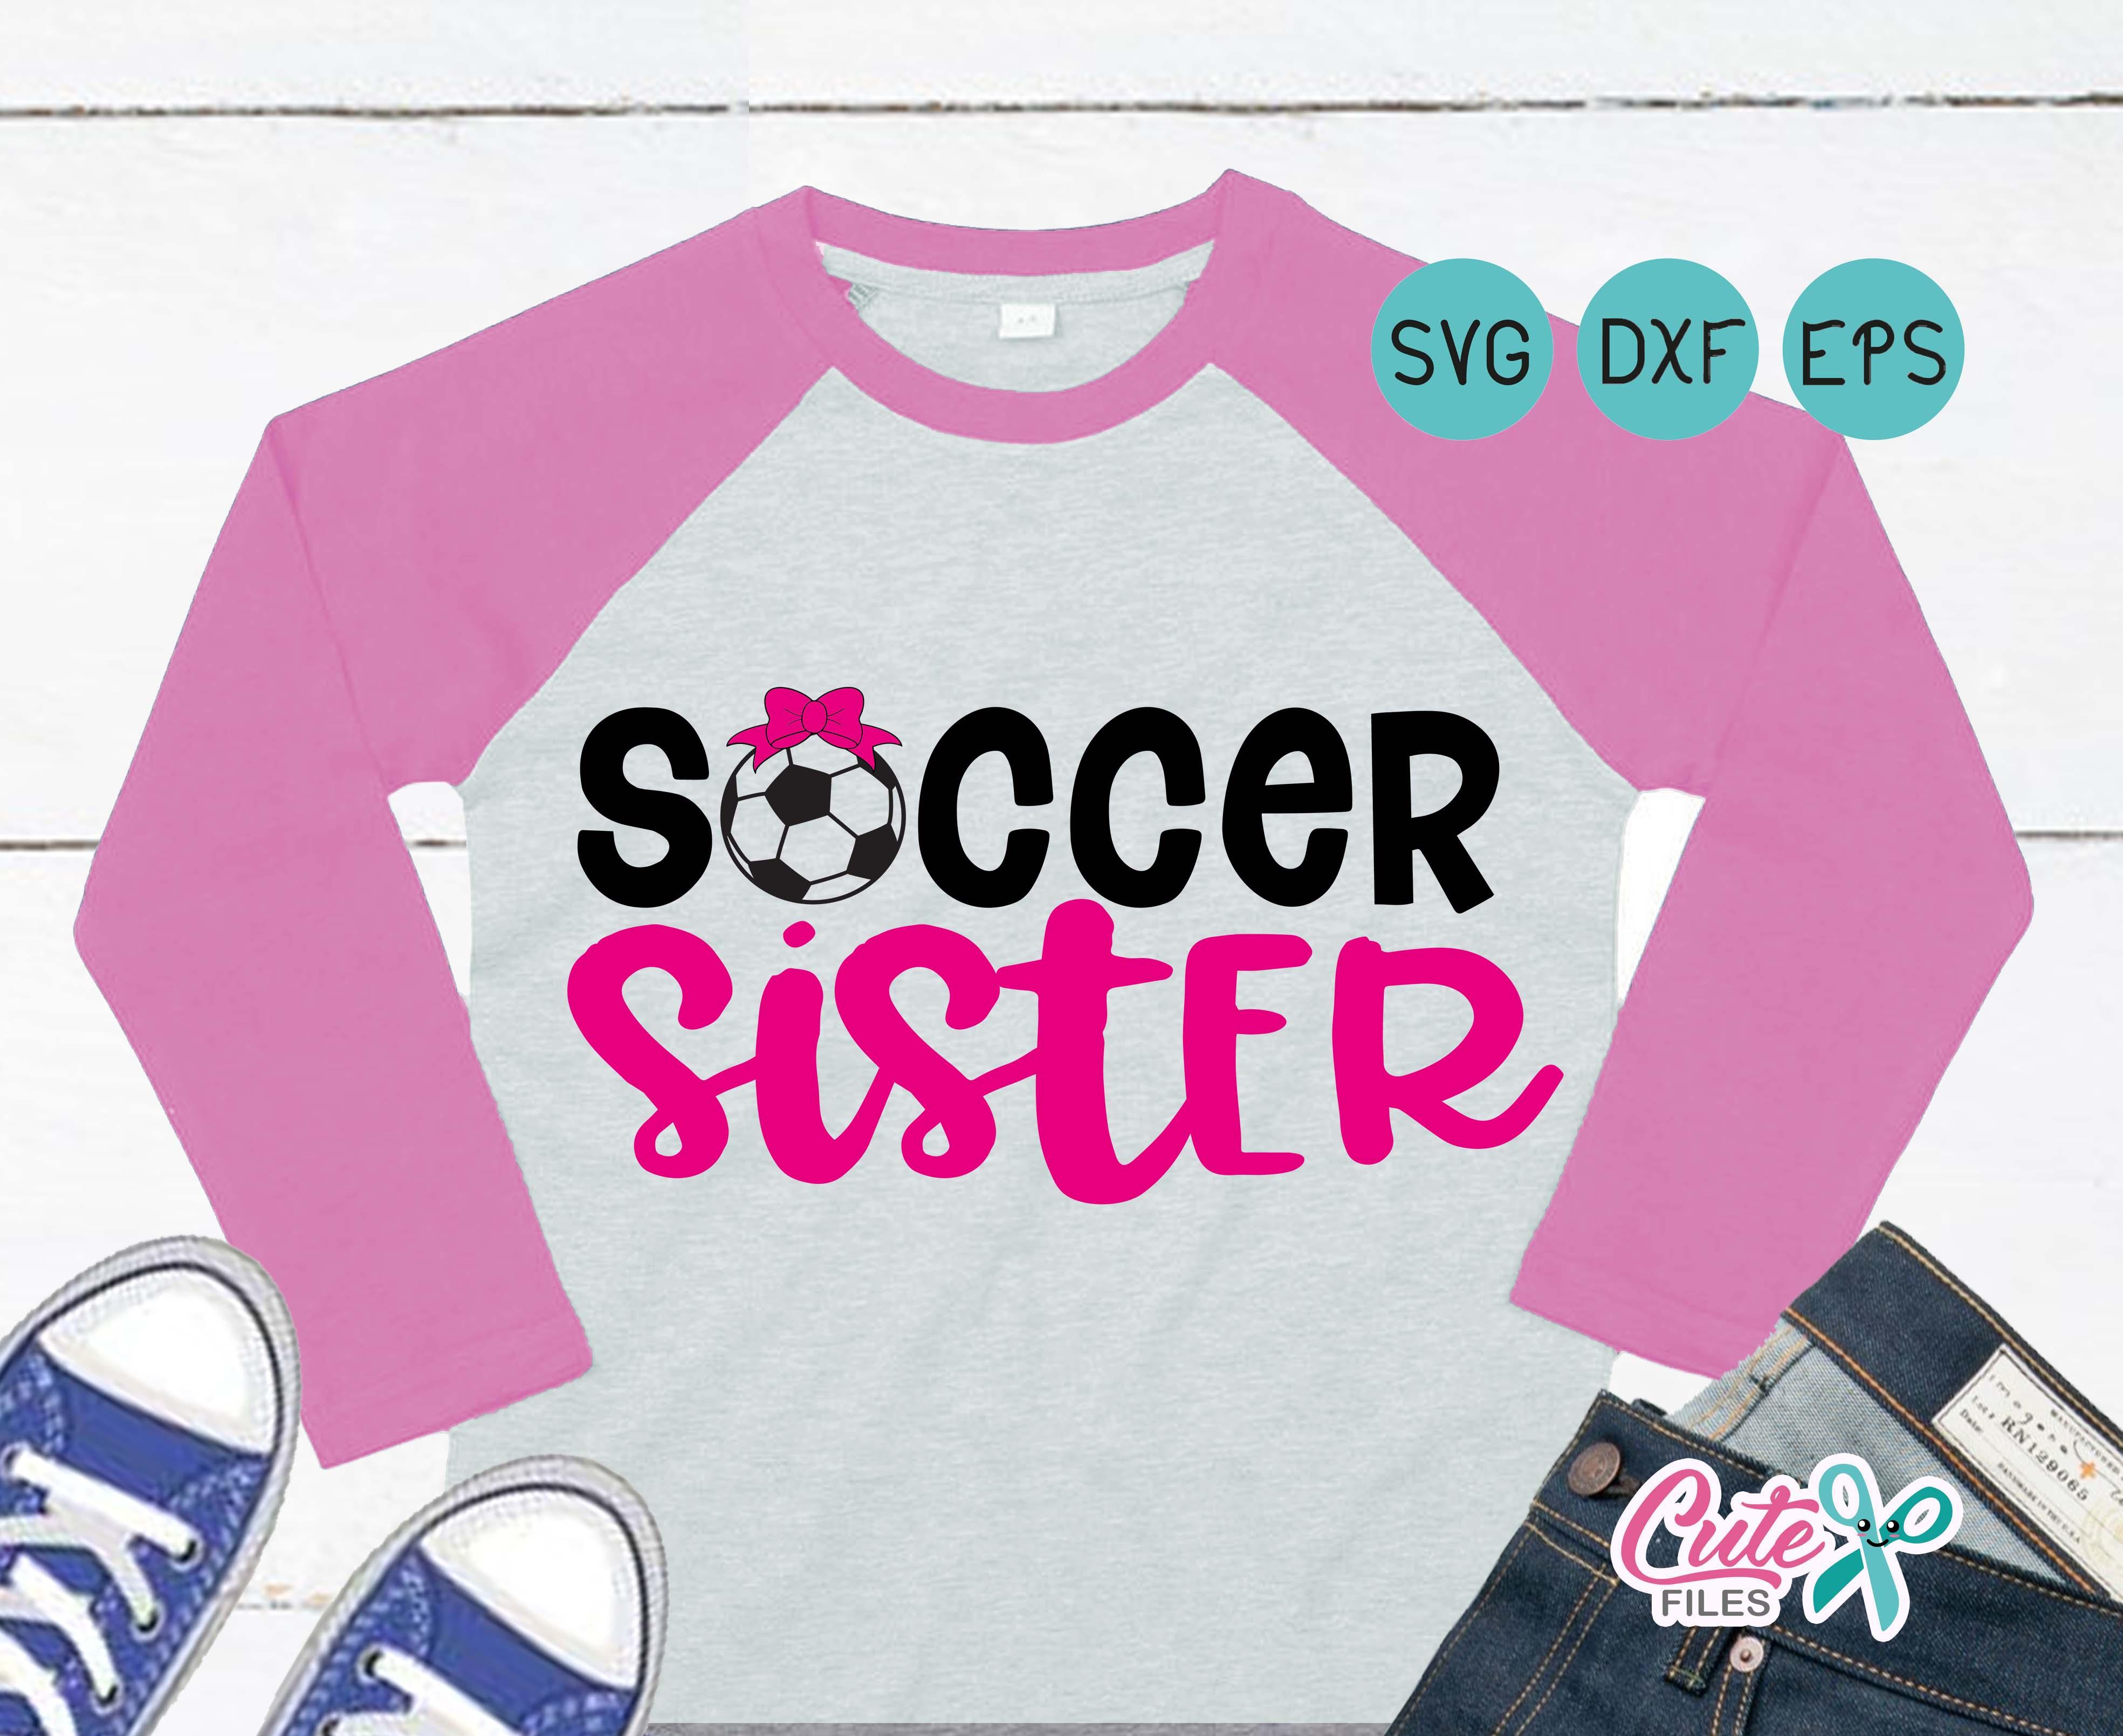 9792af4dc4c01 Soccer sister svg, Soccer girl svg, soccer sis, princess svg, Soccer  Player, bows svg, dxf file, svg cricut, cut file